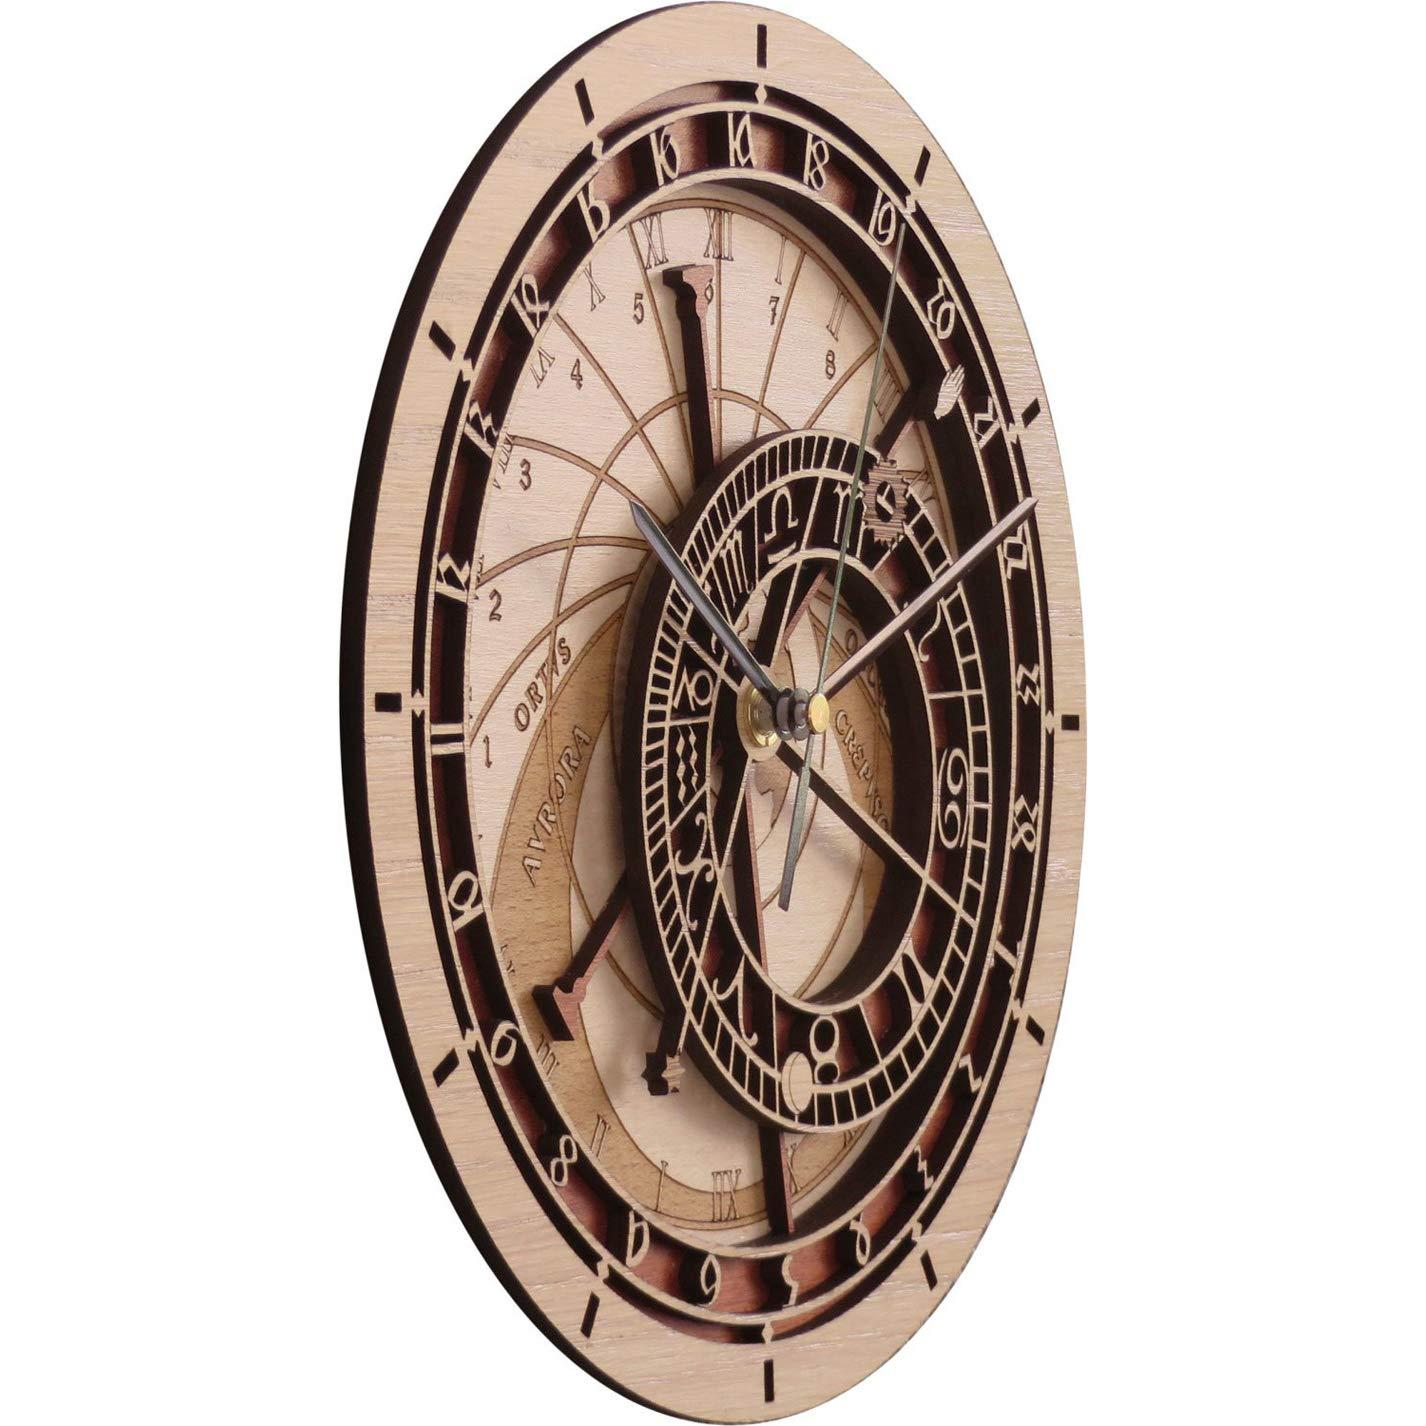 RENYAYA Reloj De Pared, Praga Astronómico Reloj De Madera, Antiguo Vintage Retro Estilo Casa Hotel Oficina Decoración Regalo Reloj De Cuarzo Mudo, ...